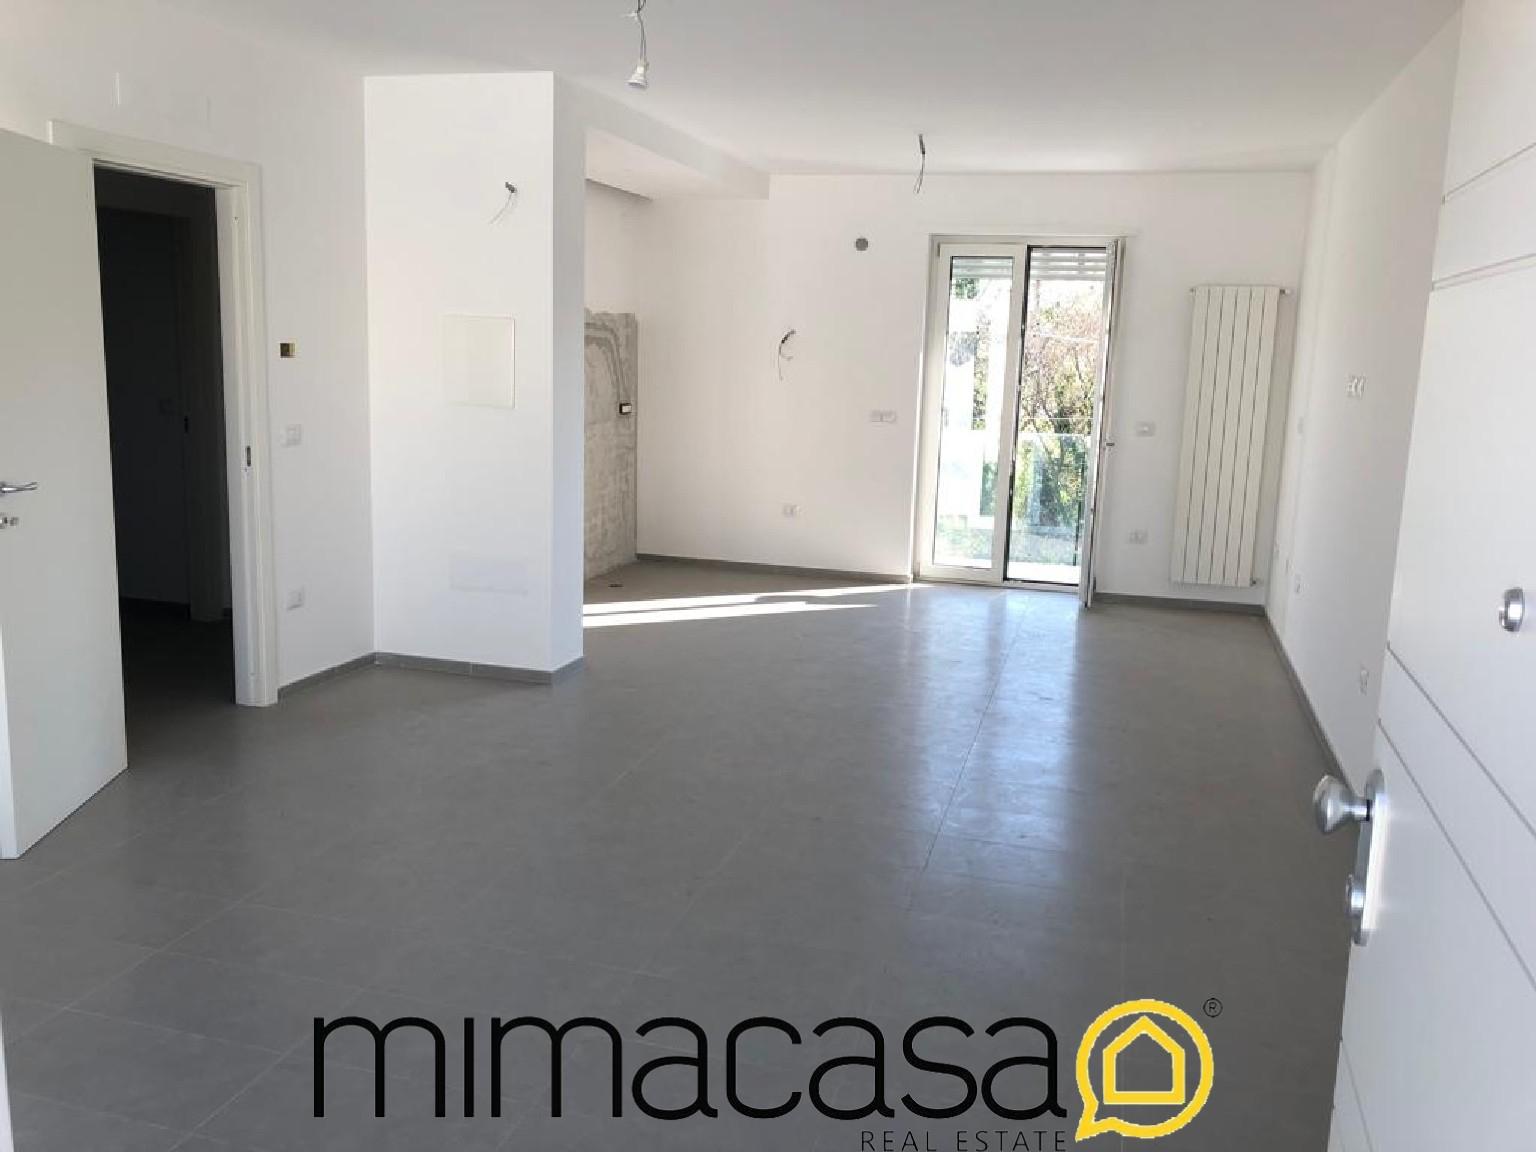 Appartamento in vendita a Brusciano, 3 locali, prezzo € 199.000 | CambioCasa.it